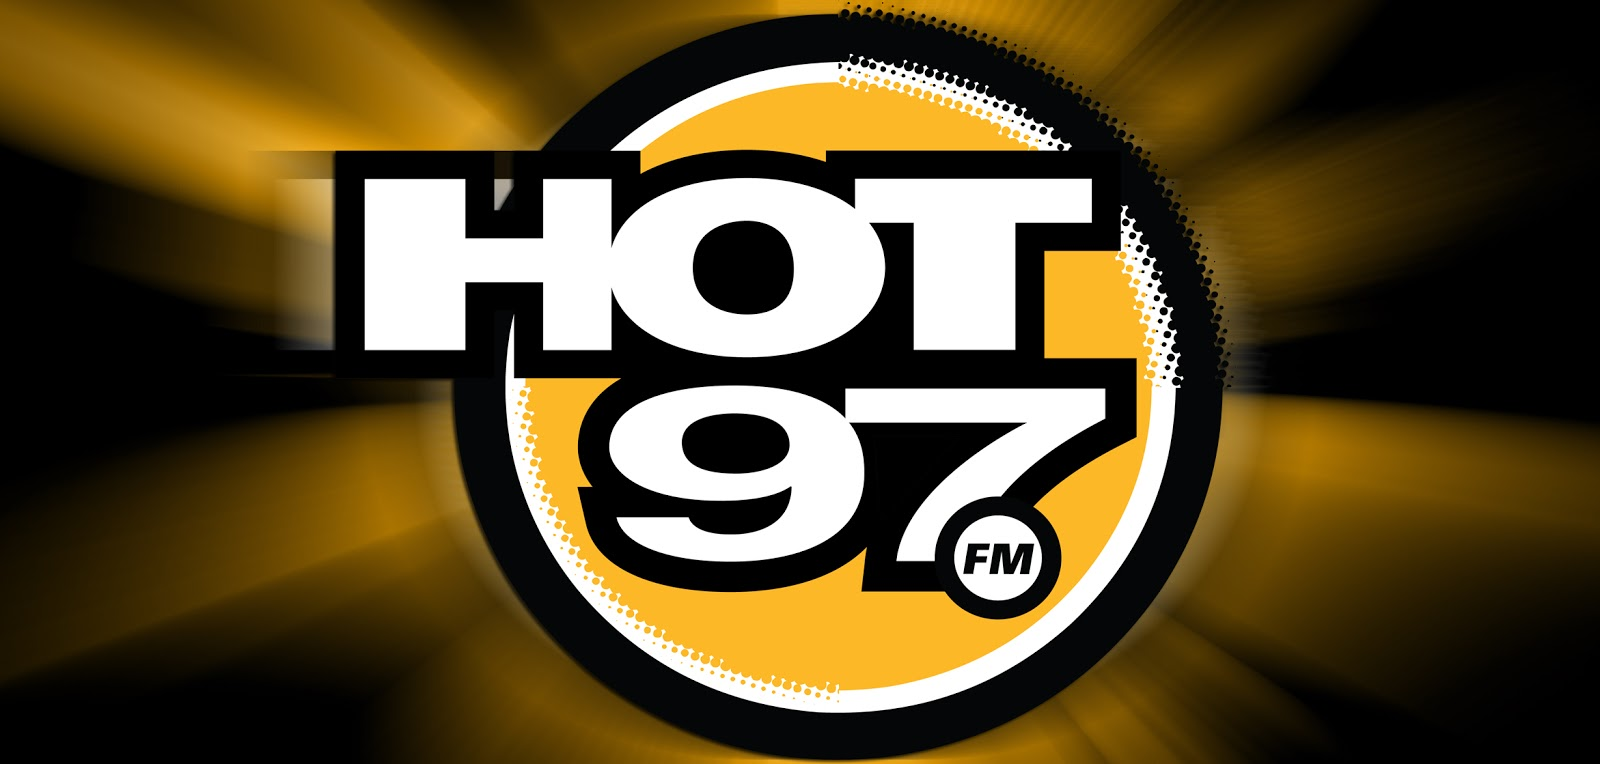 hot-97-fm live